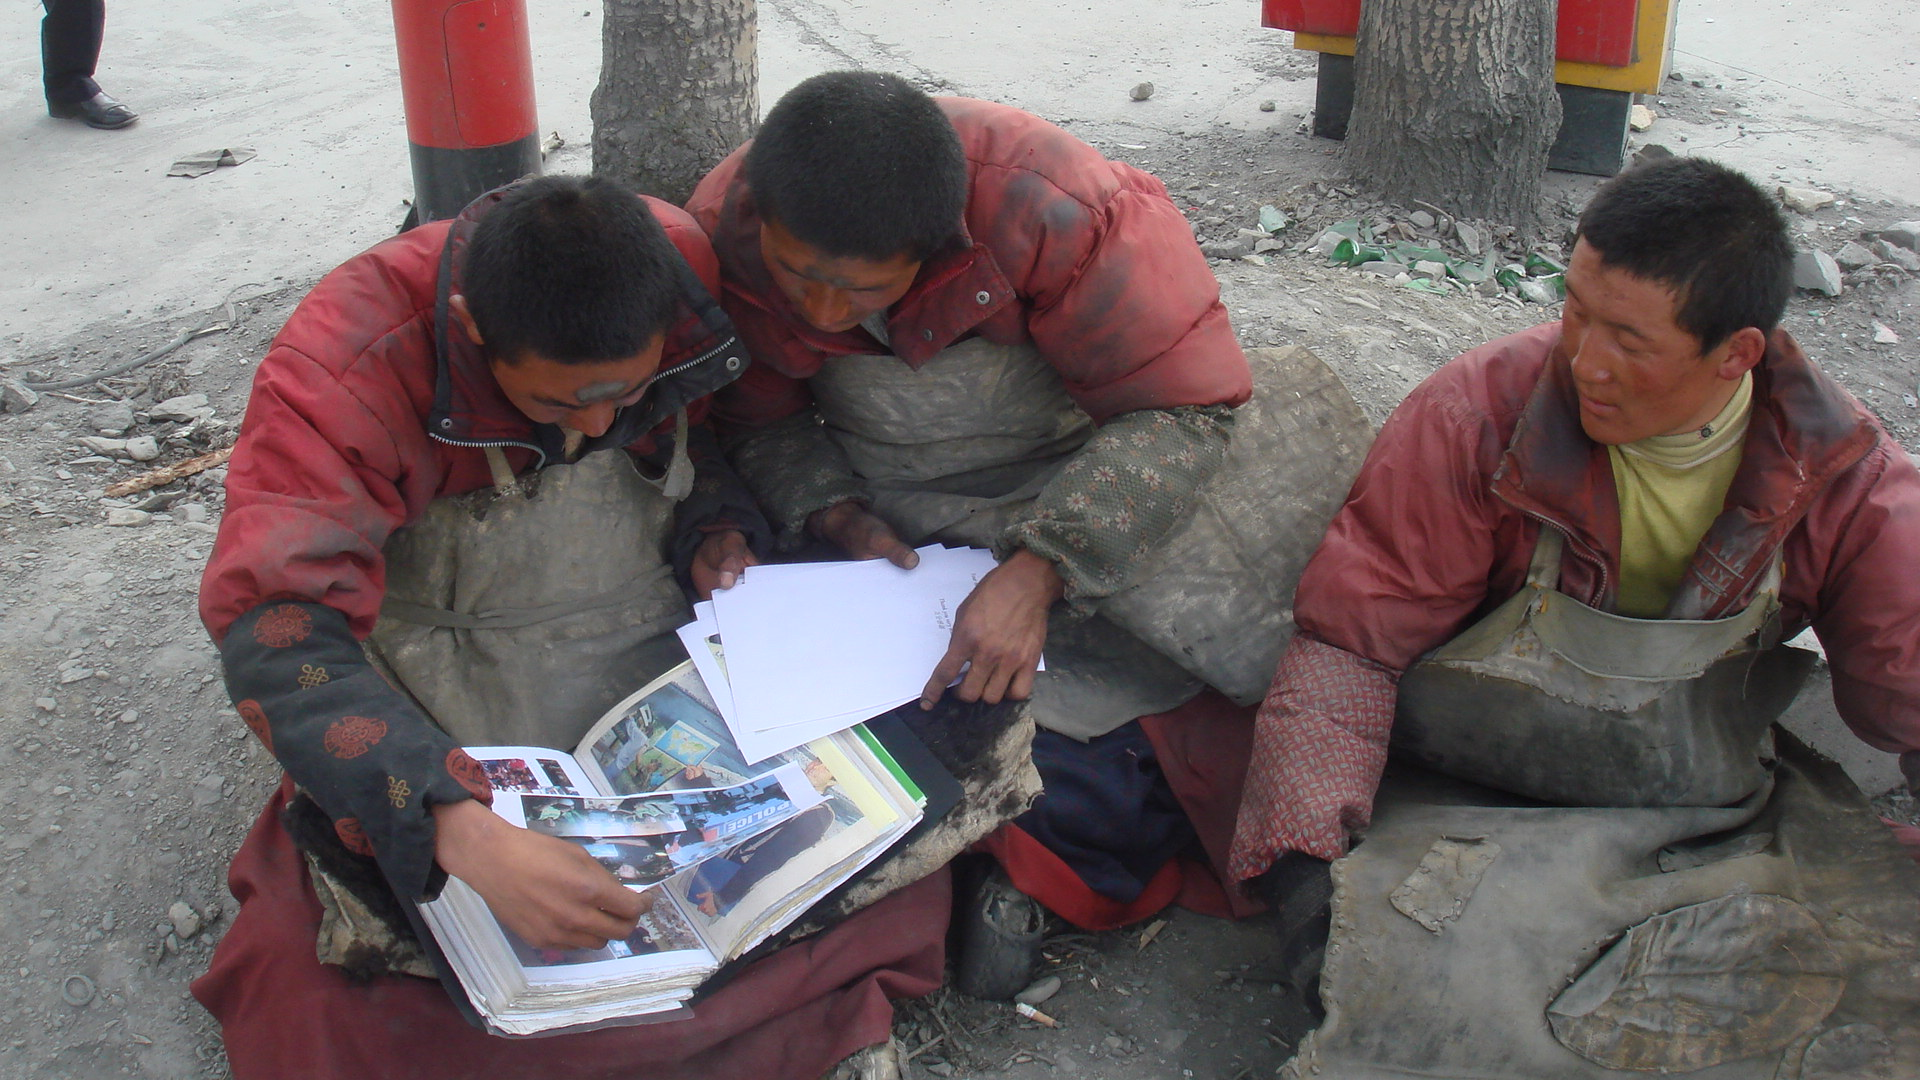 Classeur regroupant certaines de mes photos les plus parlantes, des cartes par continent plus détaillées, des articles de presse publiés dans les médias locaux